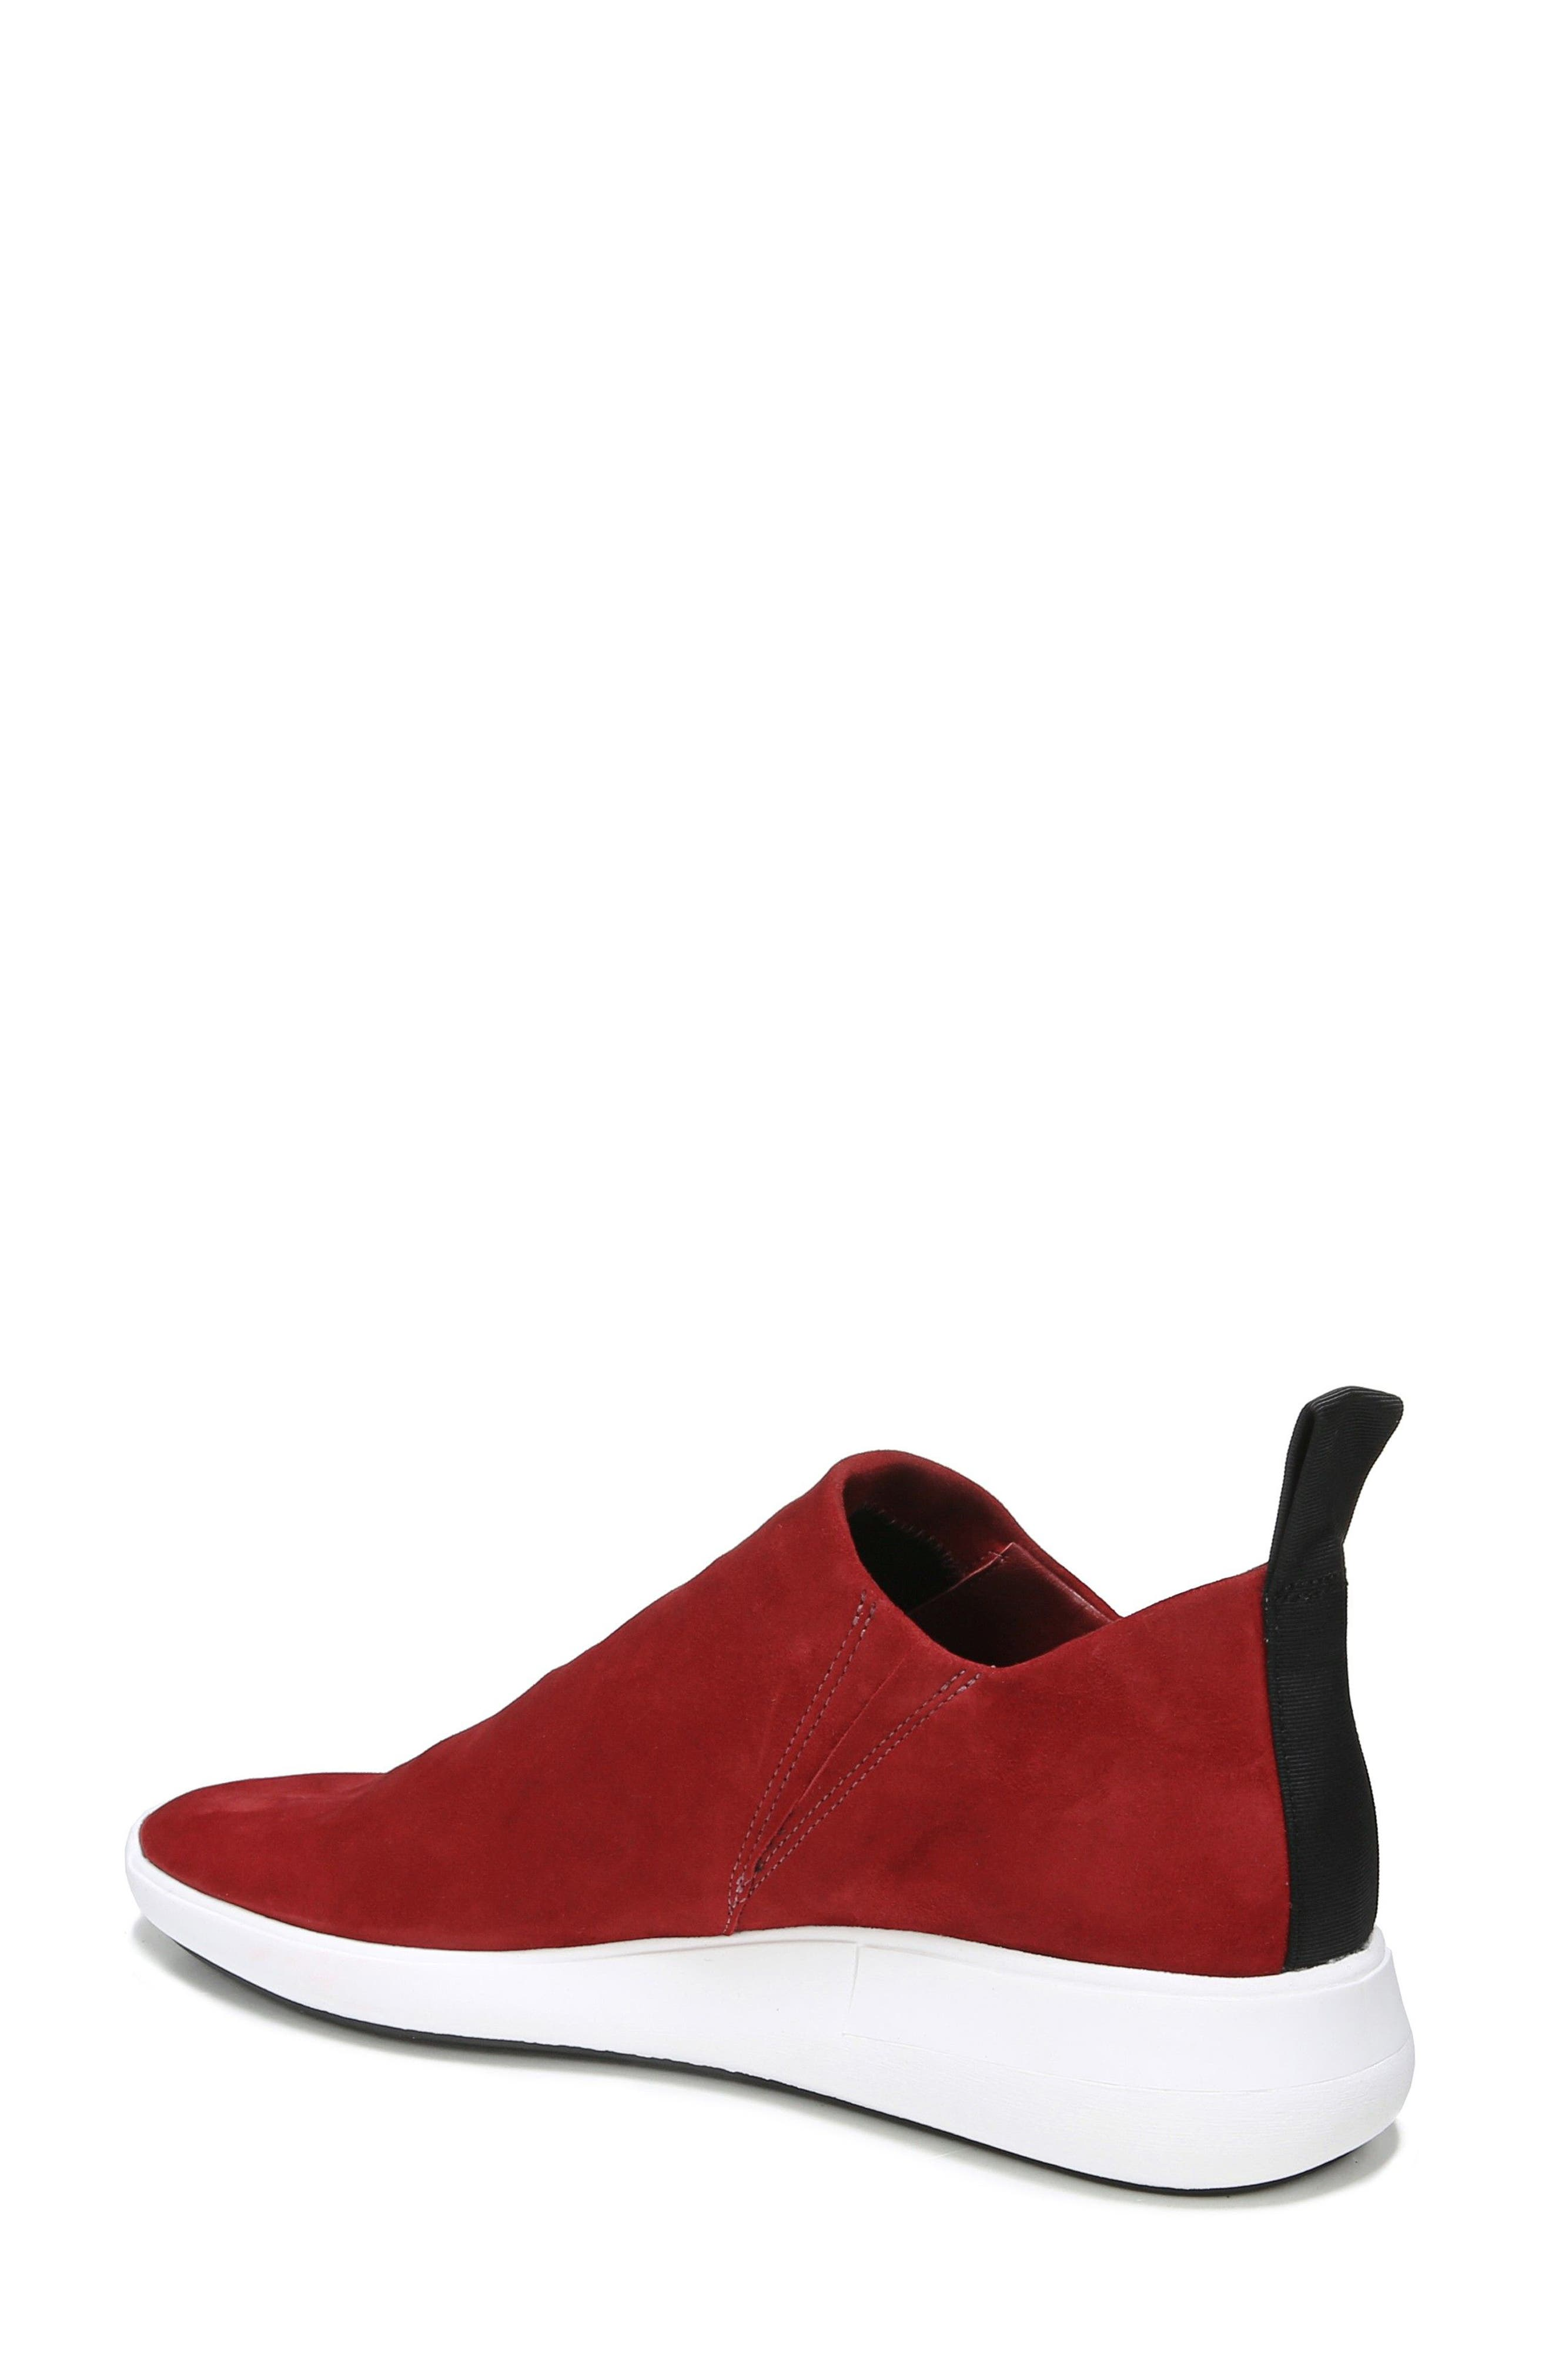 Marlow Slip-On Sneaker,                             Alternate thumbnail 6, color,